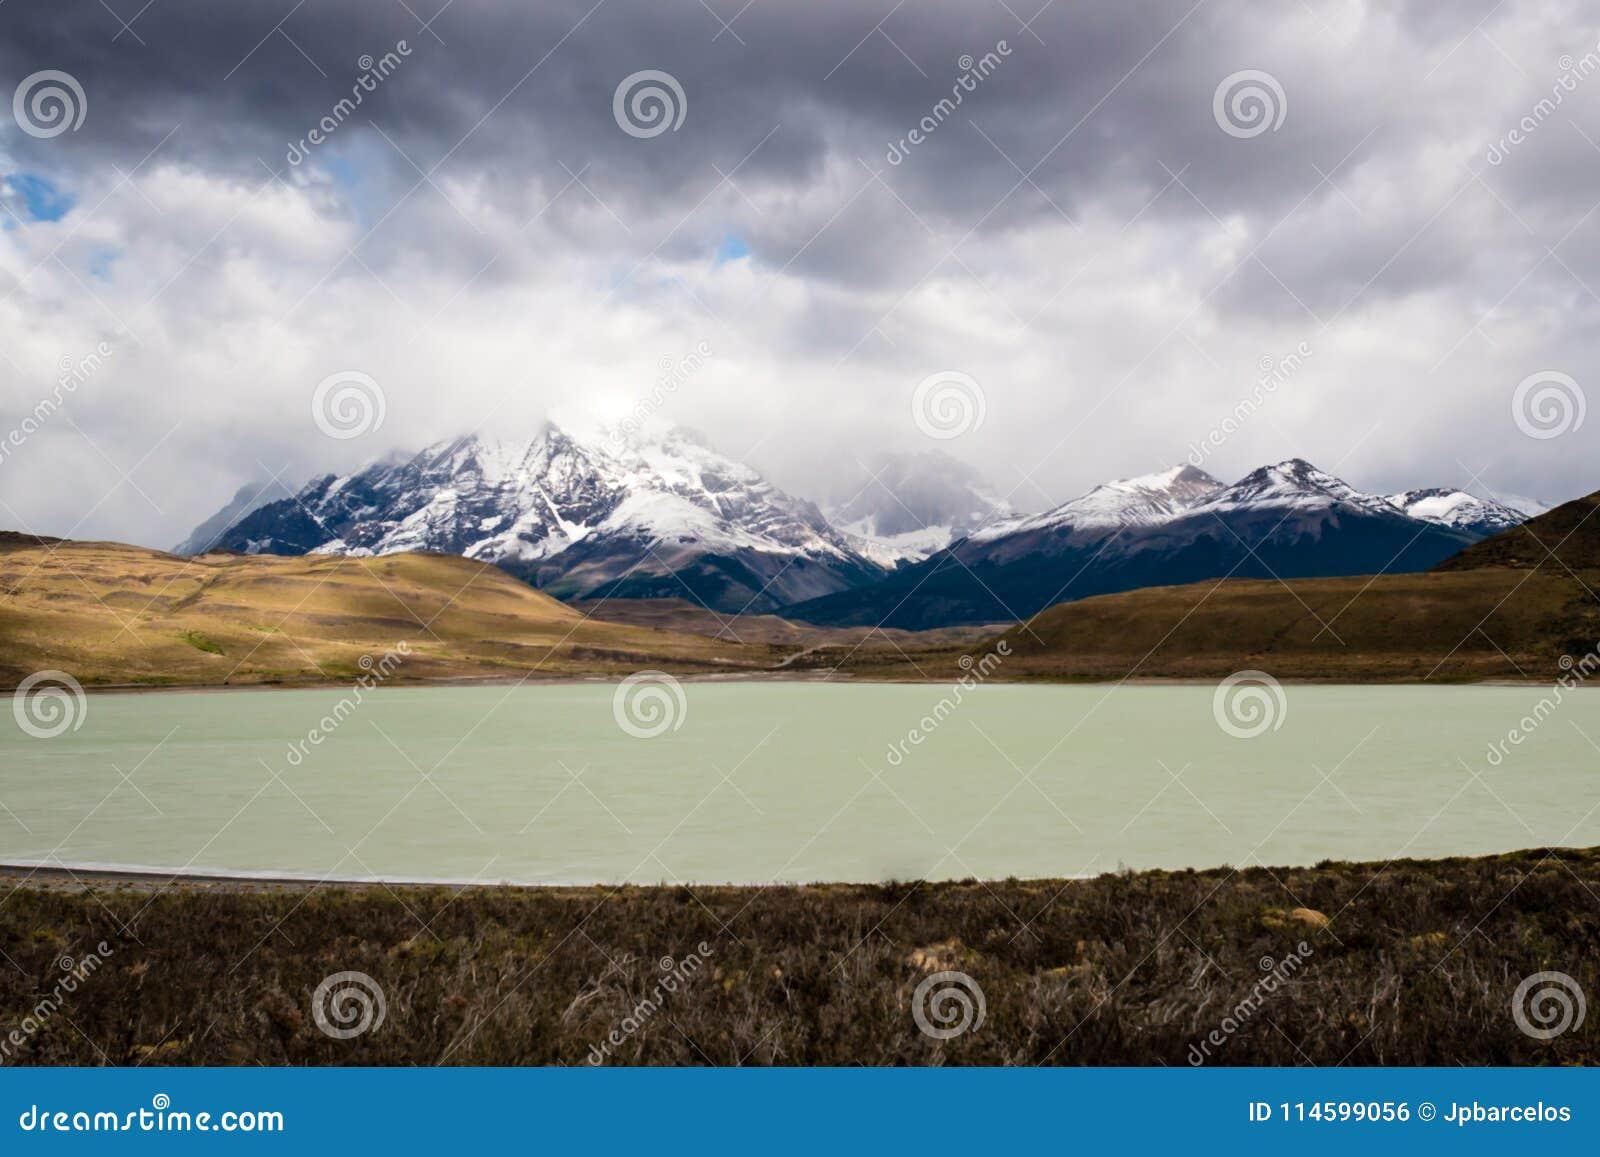 Stationnement national de Torres del Paine, Patagonia, Chili Le lac Pehoe et Majestic Cuernos del Paine turquoise